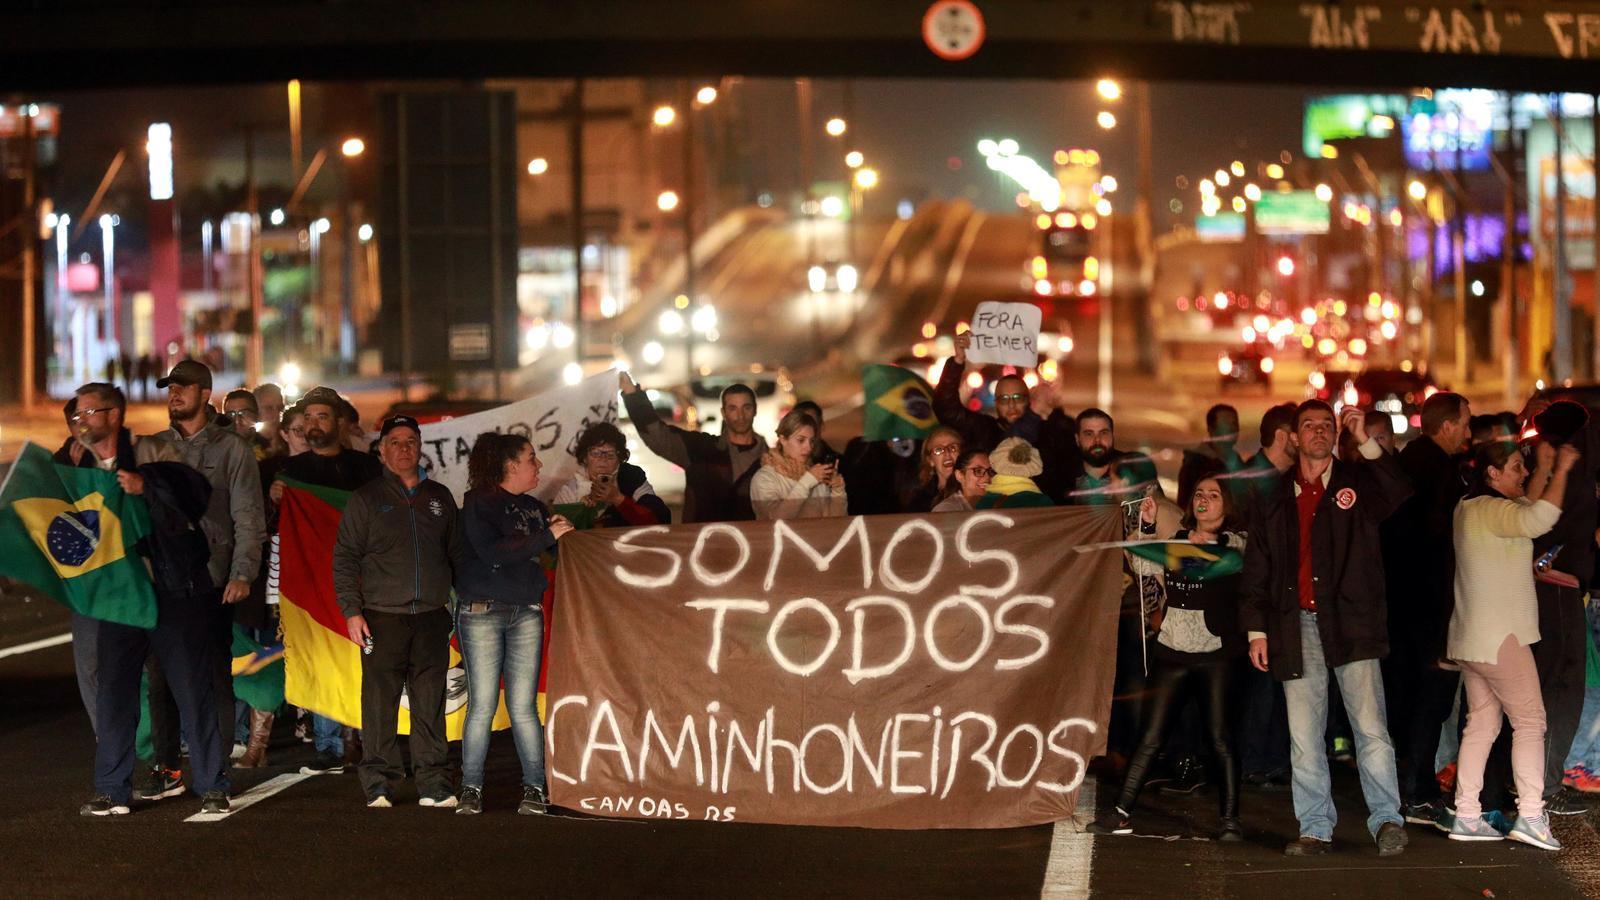 Un piquet en solidaritat amb els camioners en caga, a la localitat de Canoas